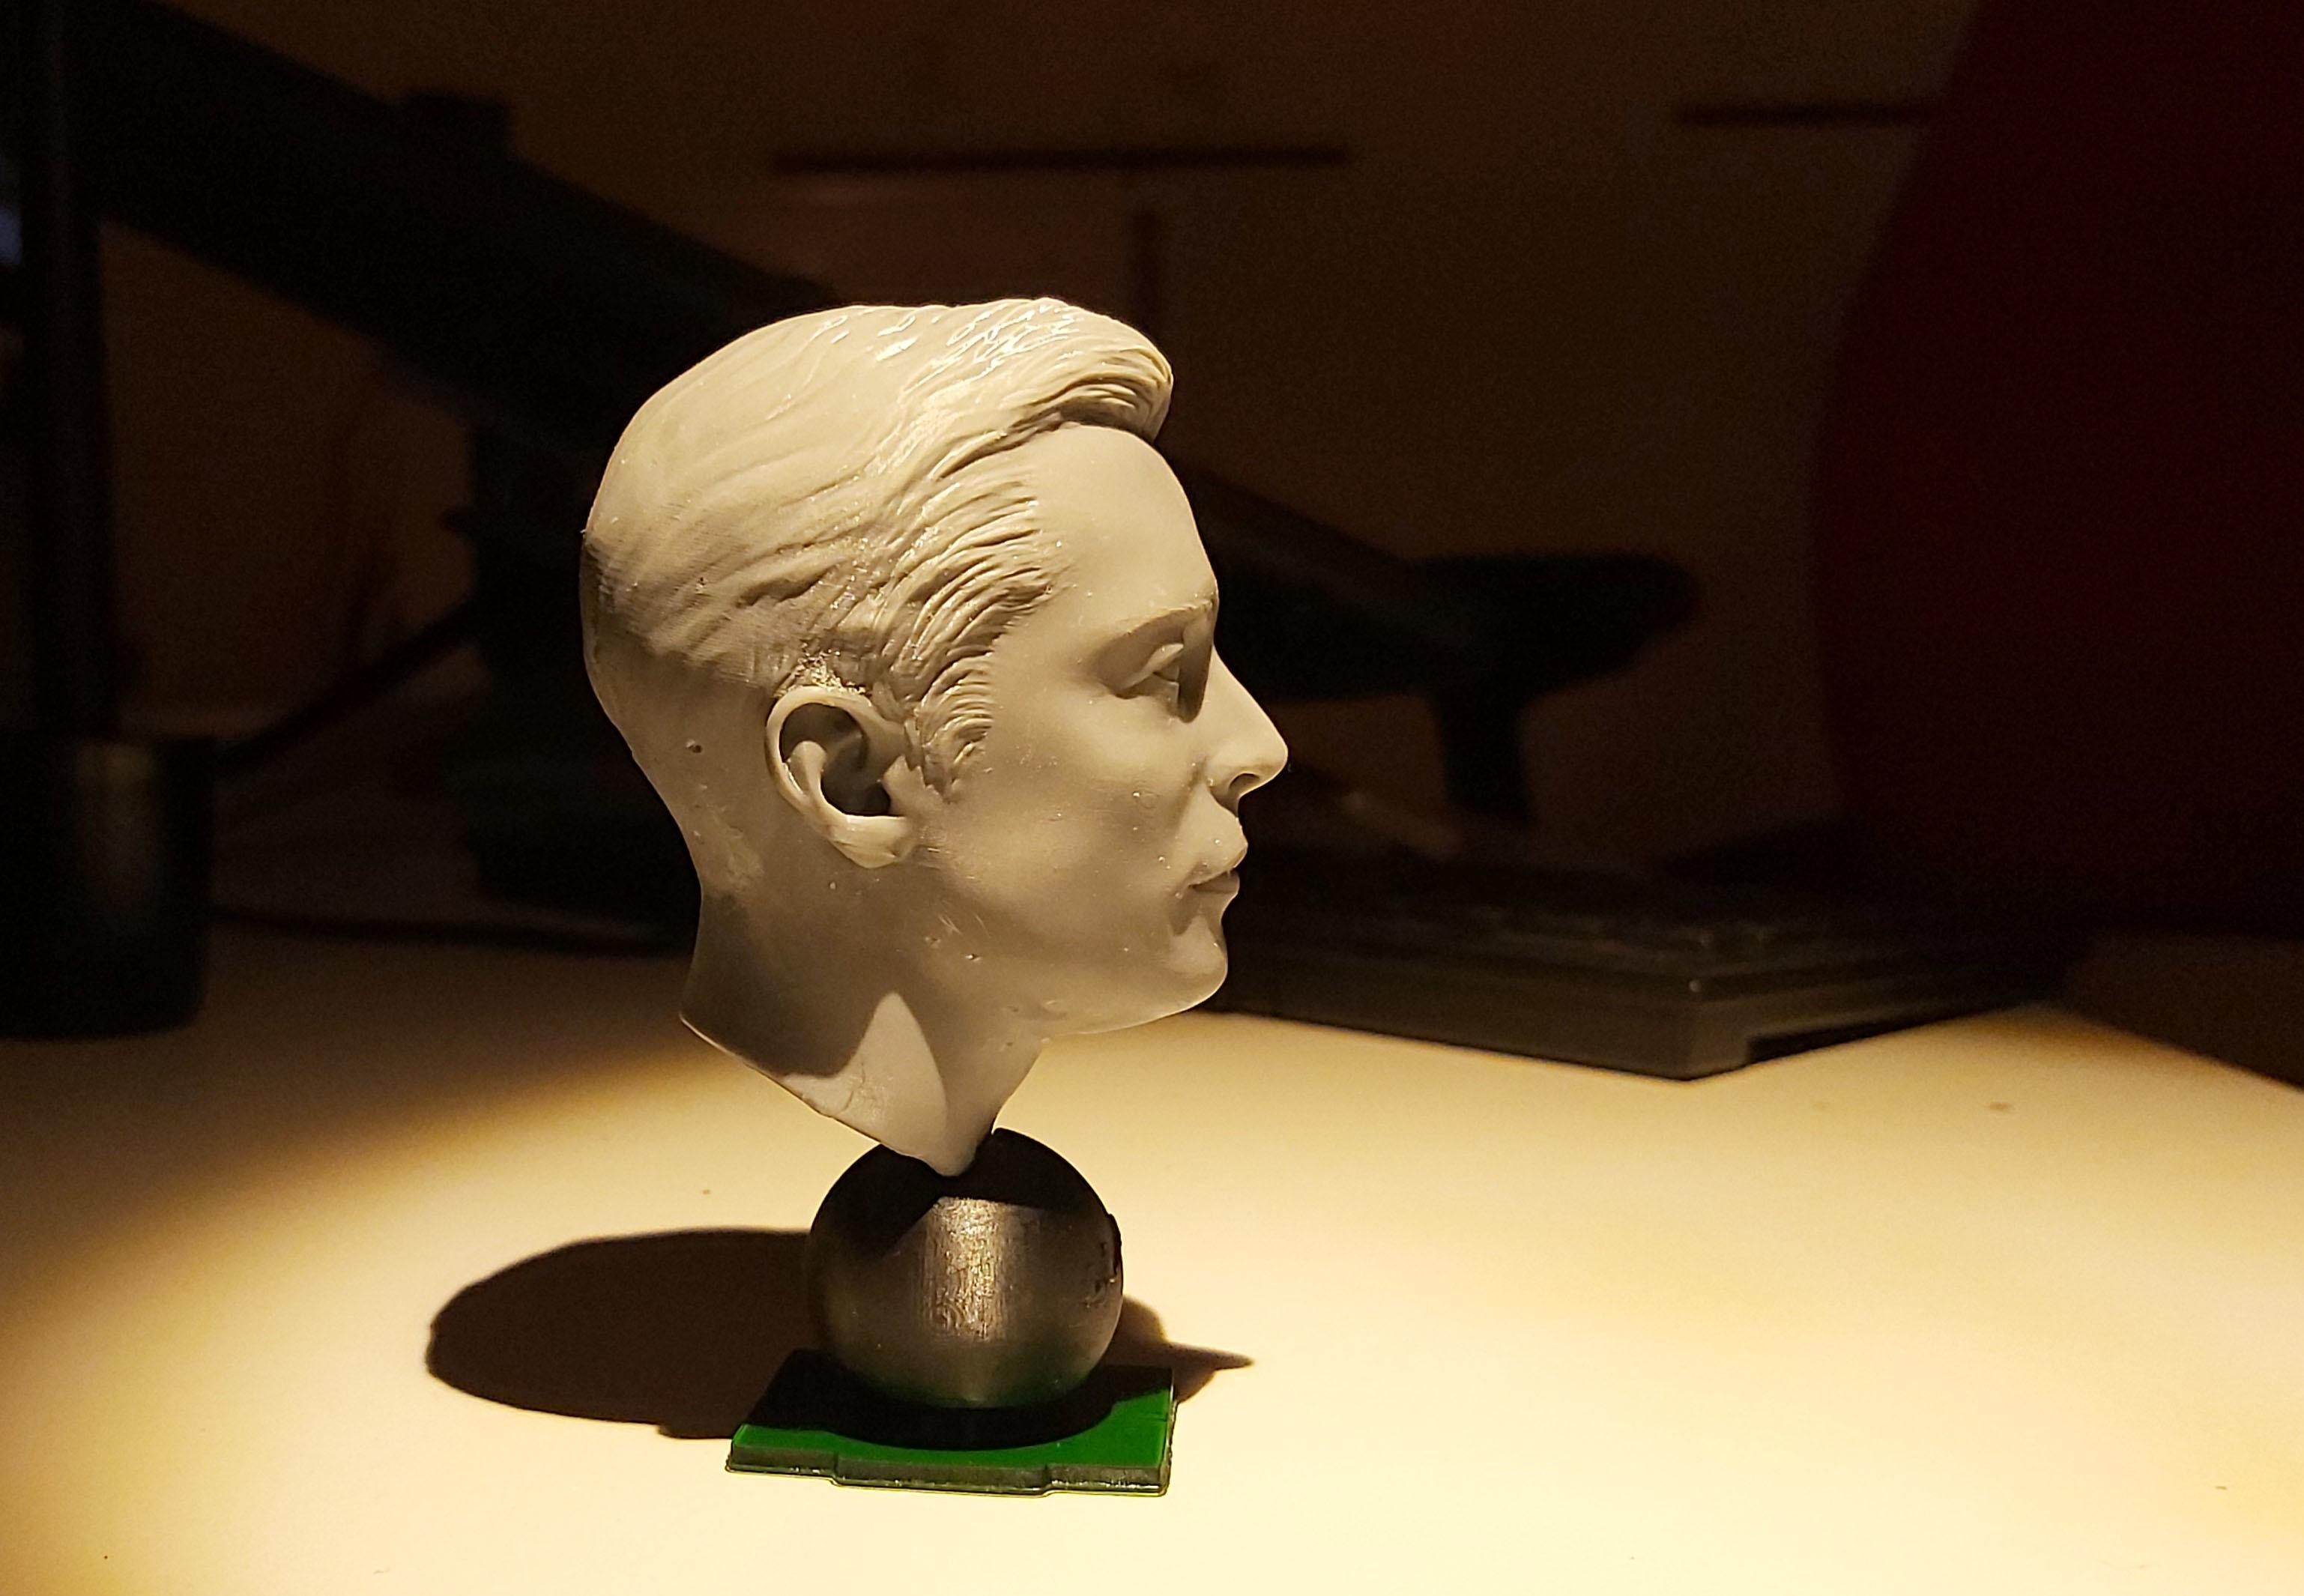 20191220_193607.jpg Télécharger fichier STL gratuit Musc Elon • Design imprimable en 3D, tutus